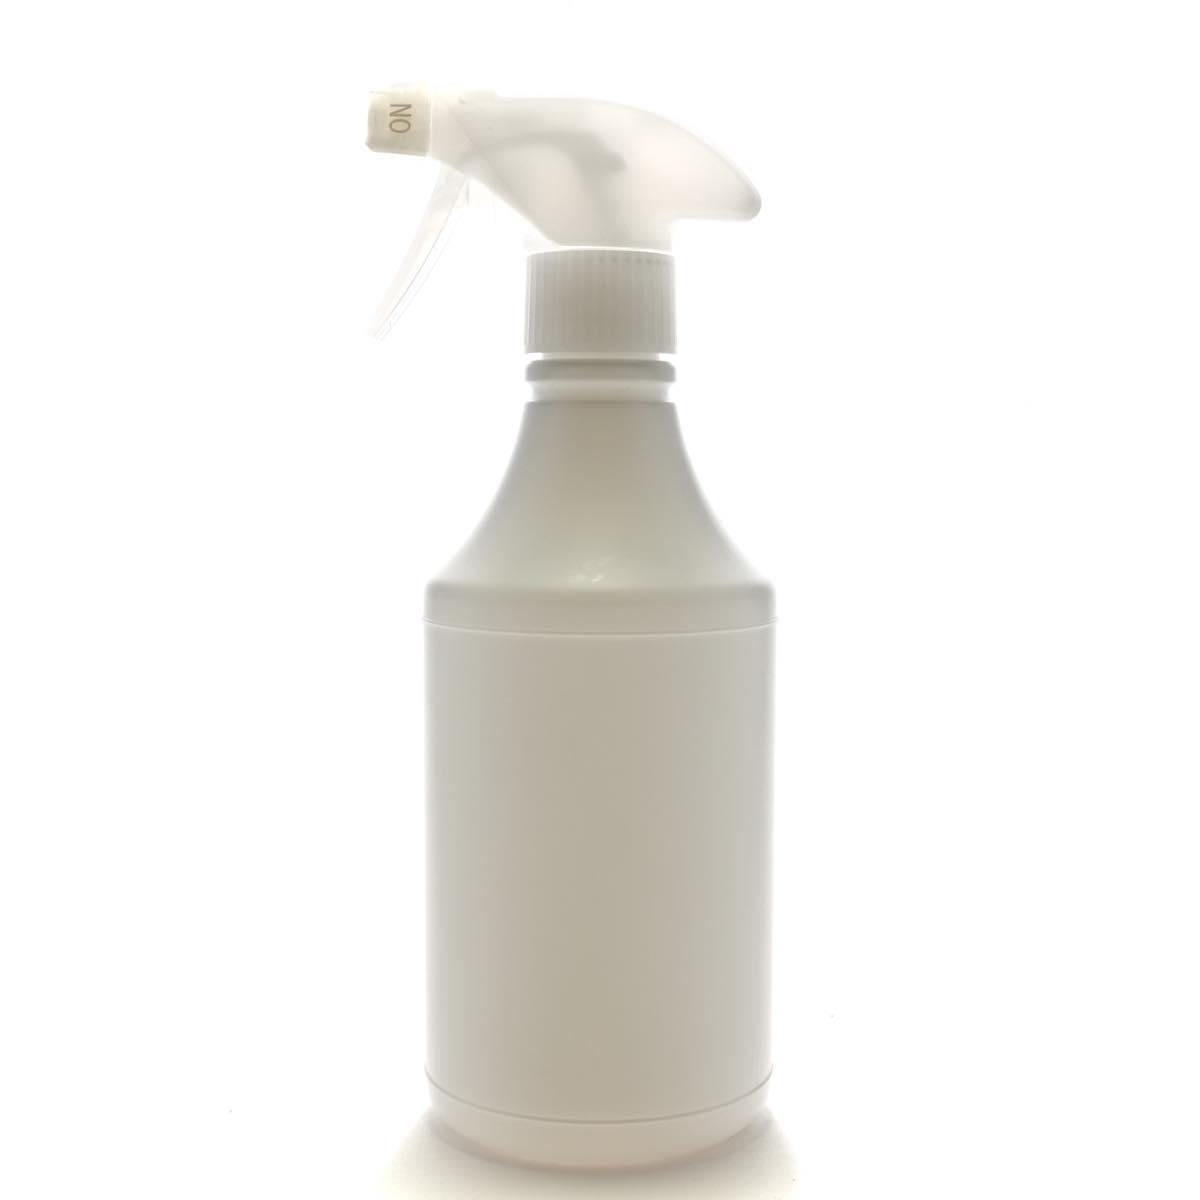 泡トリガースプレー 500ml [ ボトル:ホワイト / トリガー:ホワイト(泡タイプ) ]